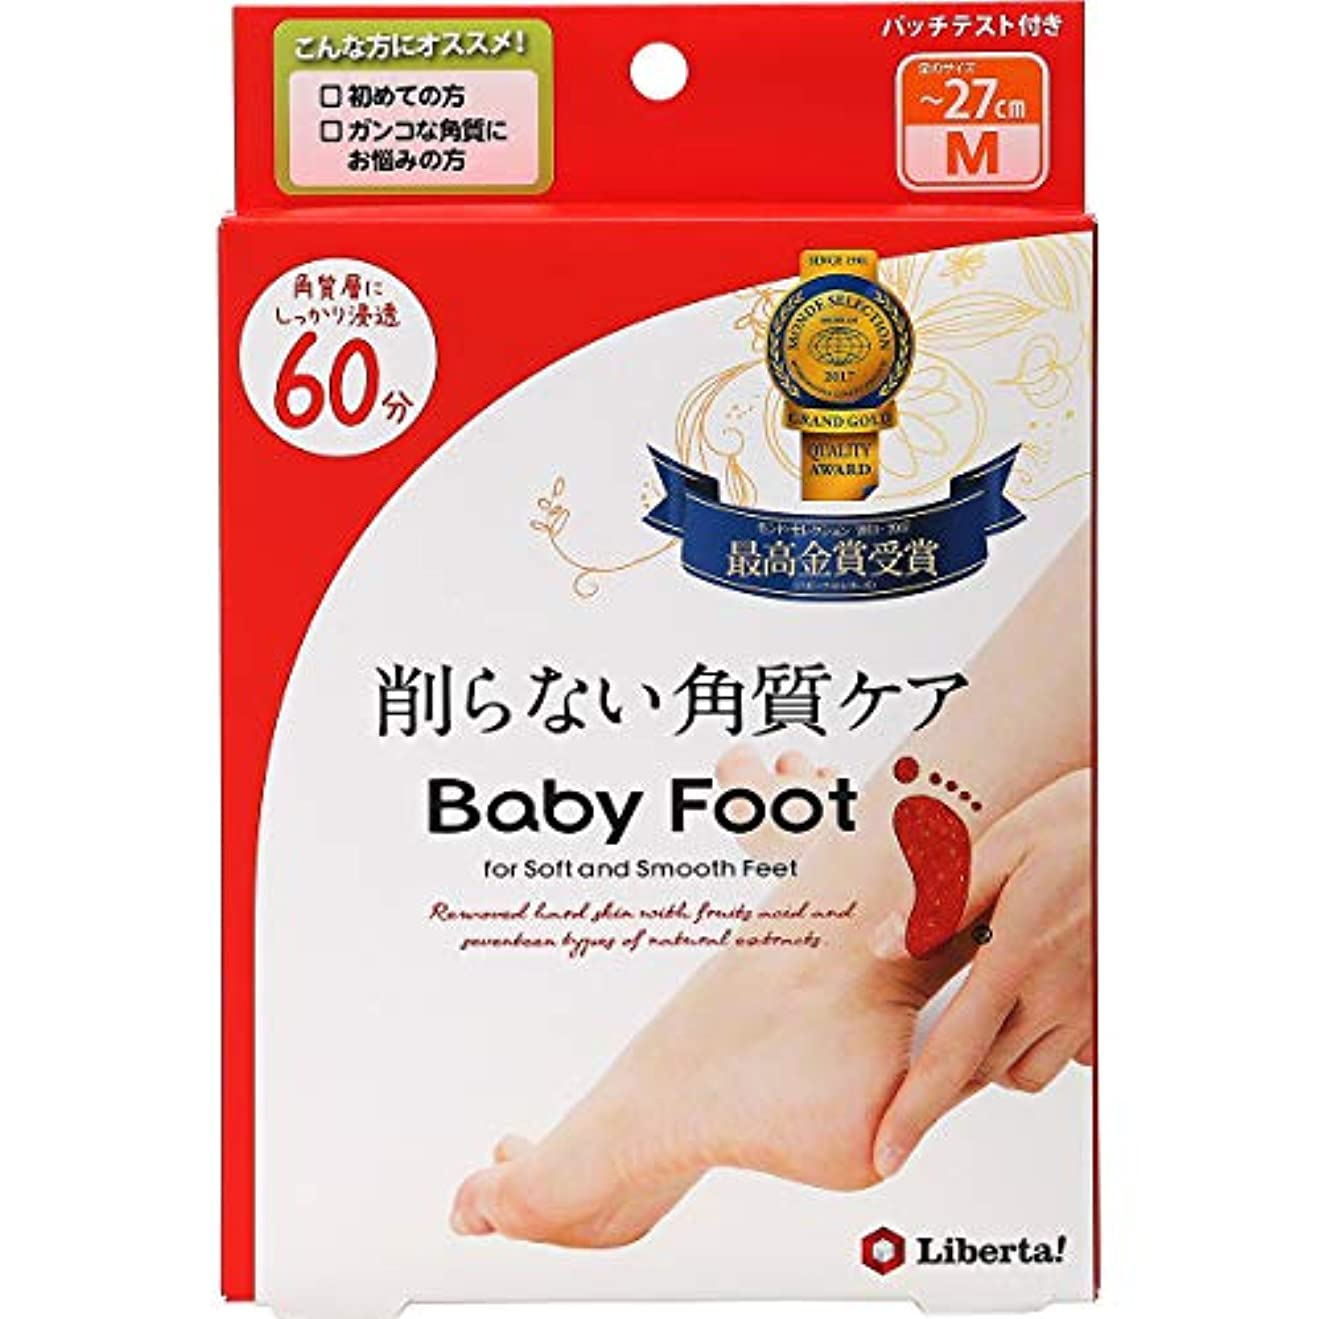 ボーナス設置除去ベビーフット (Baby Foot) ベビーフット イージーパック SPT60分タイプ Mサイズ 単品